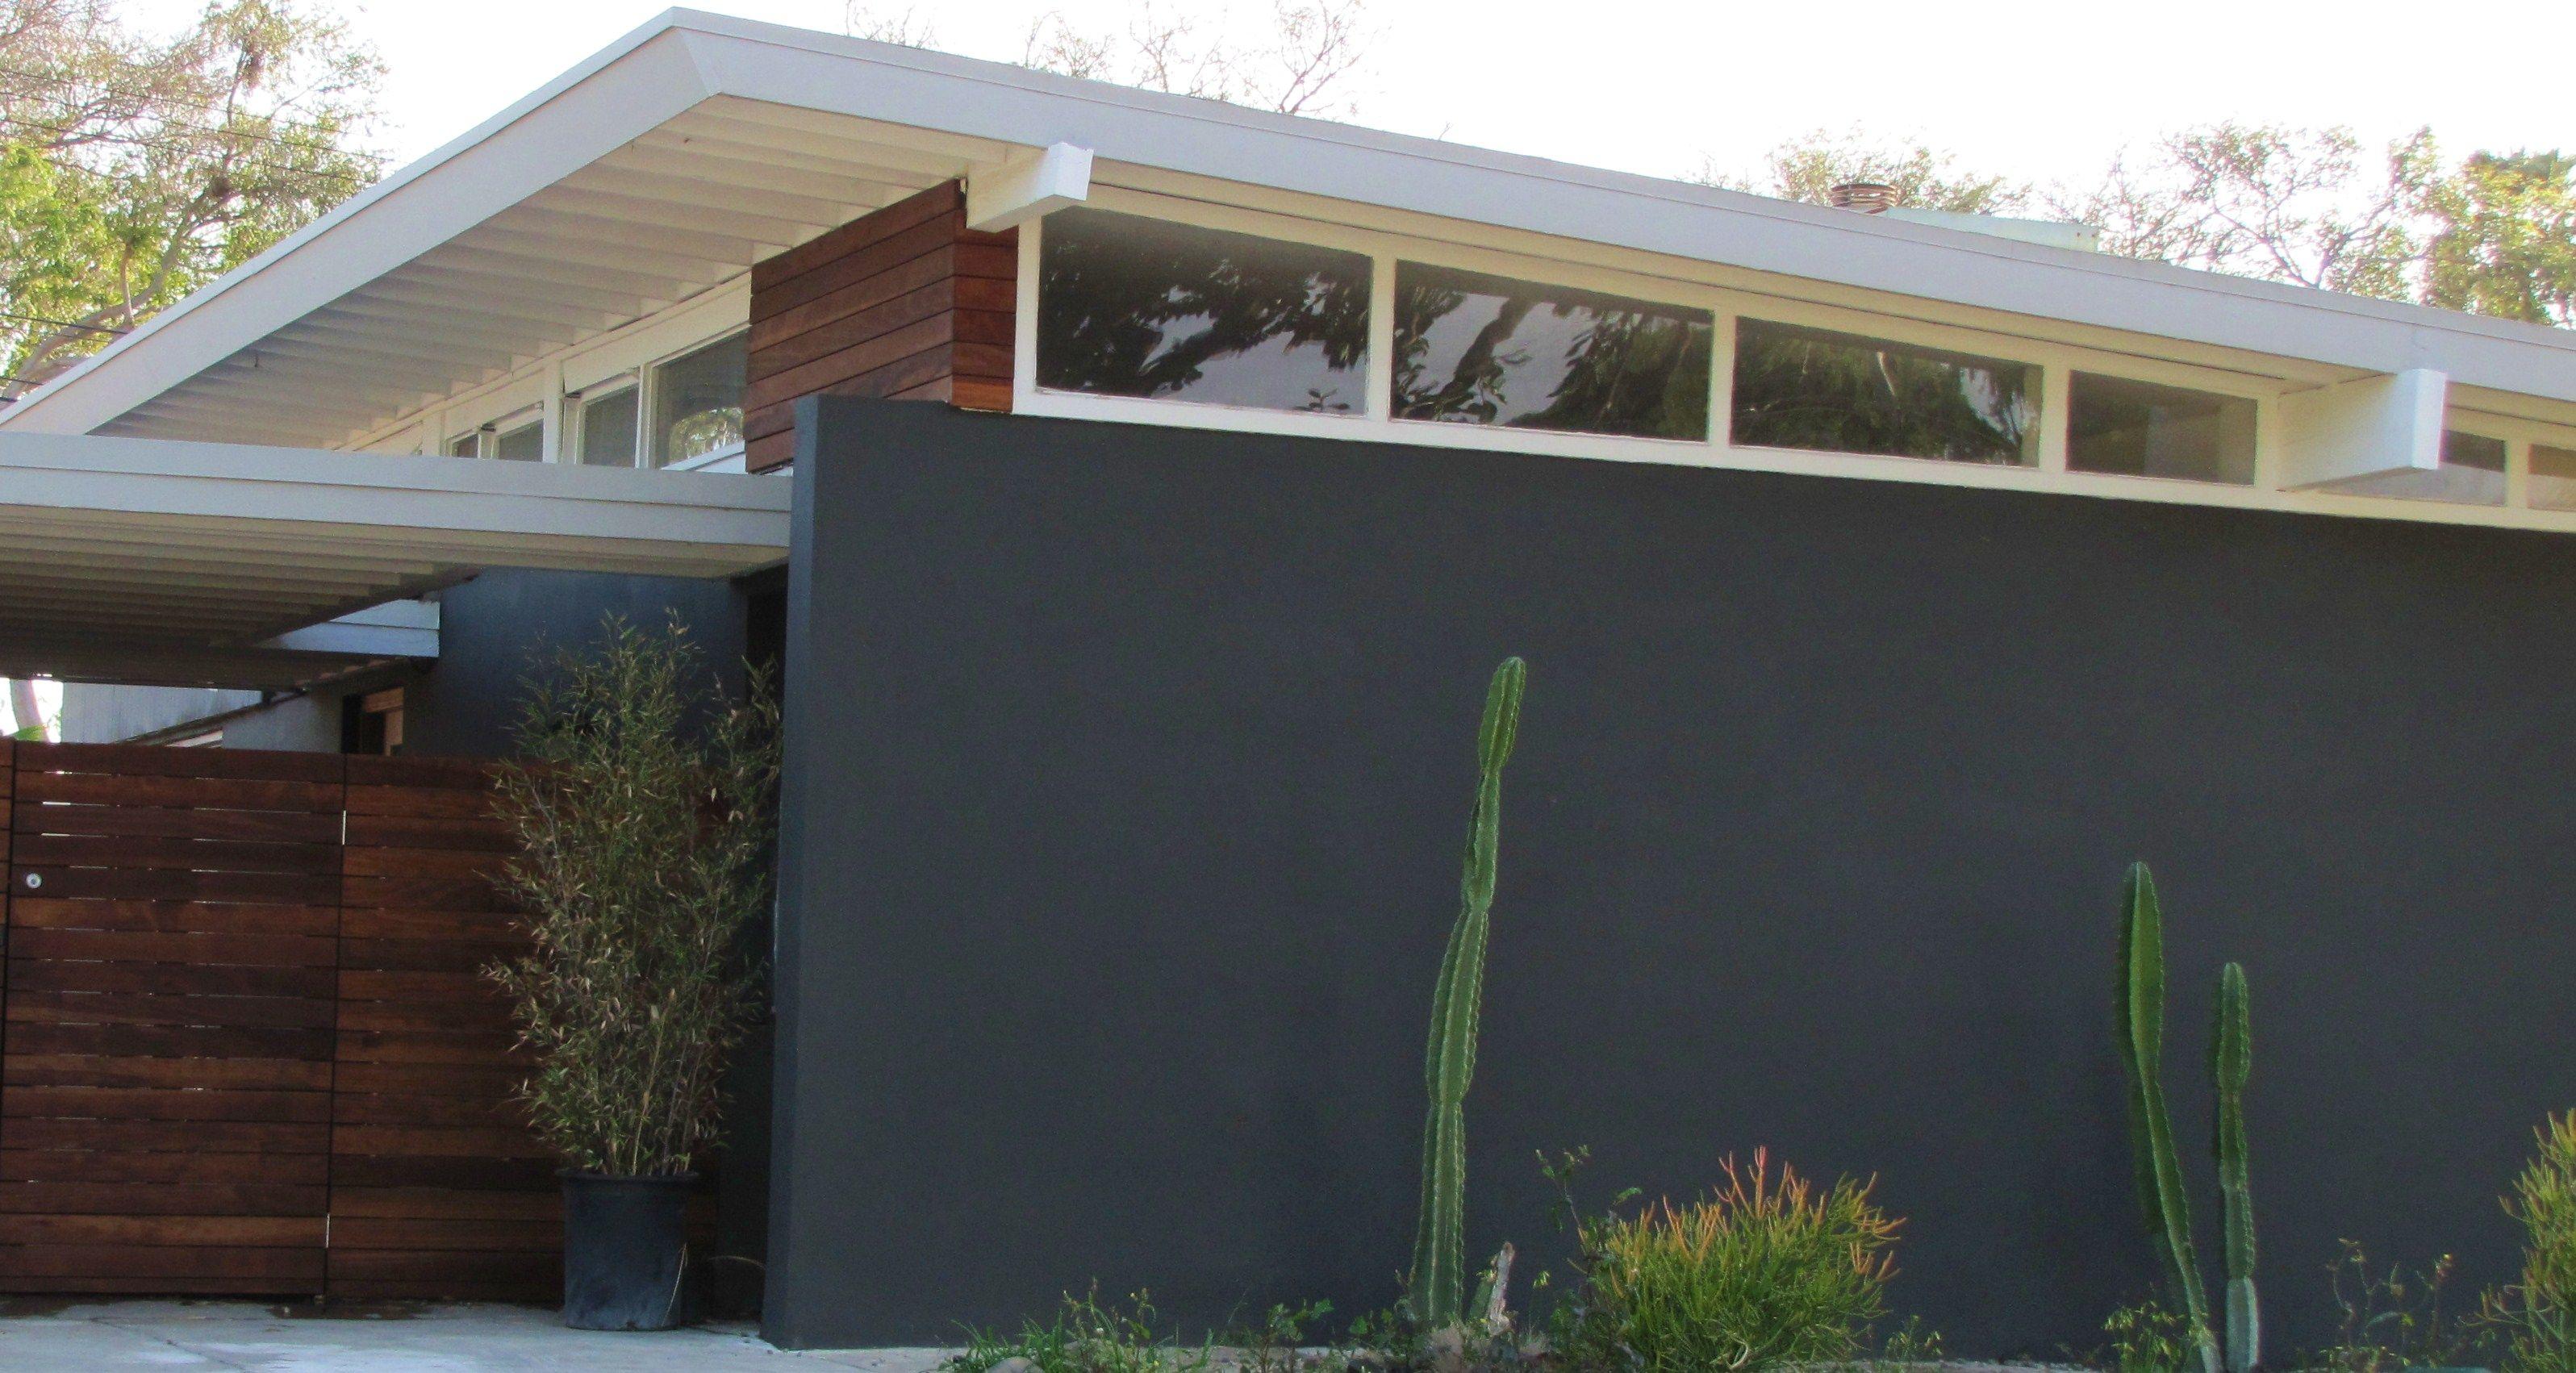 Forever house models fullerton grove quincy jones and frederick  emmons joseph eichler modern bungalow  also rh pinterest